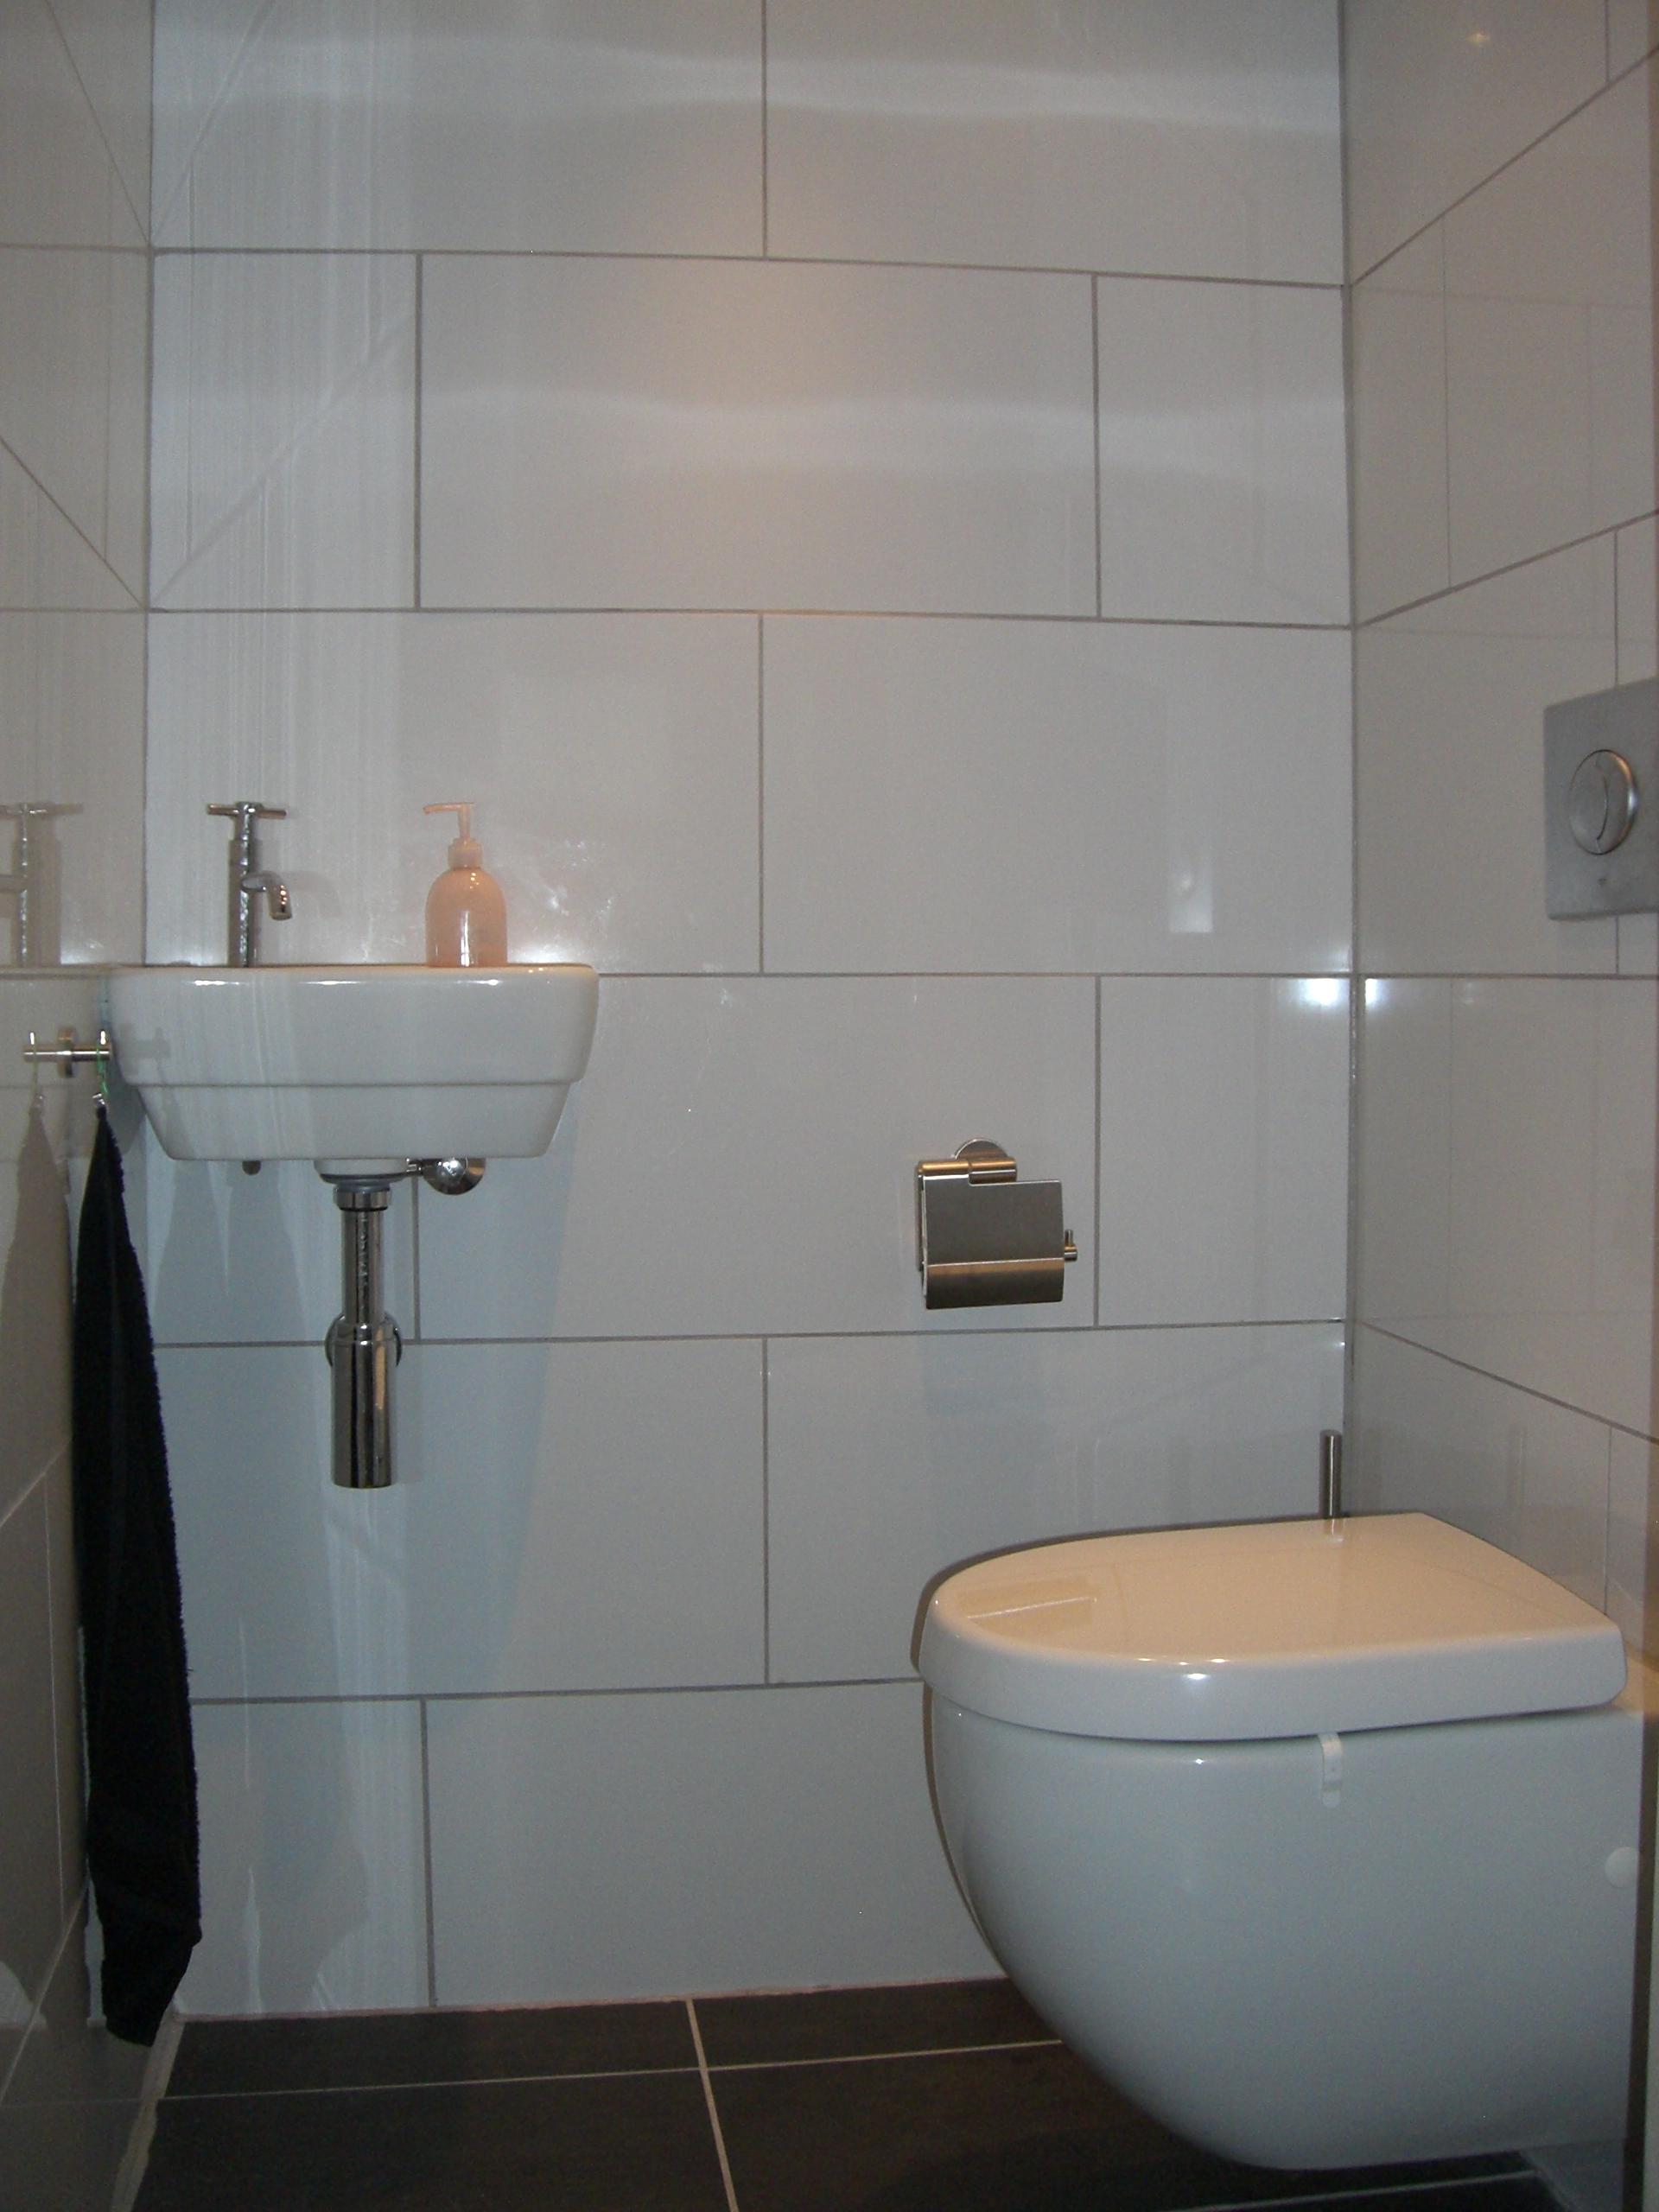 Badkamers klussen en timmerbedrijf gmb - Water badkamer model ...